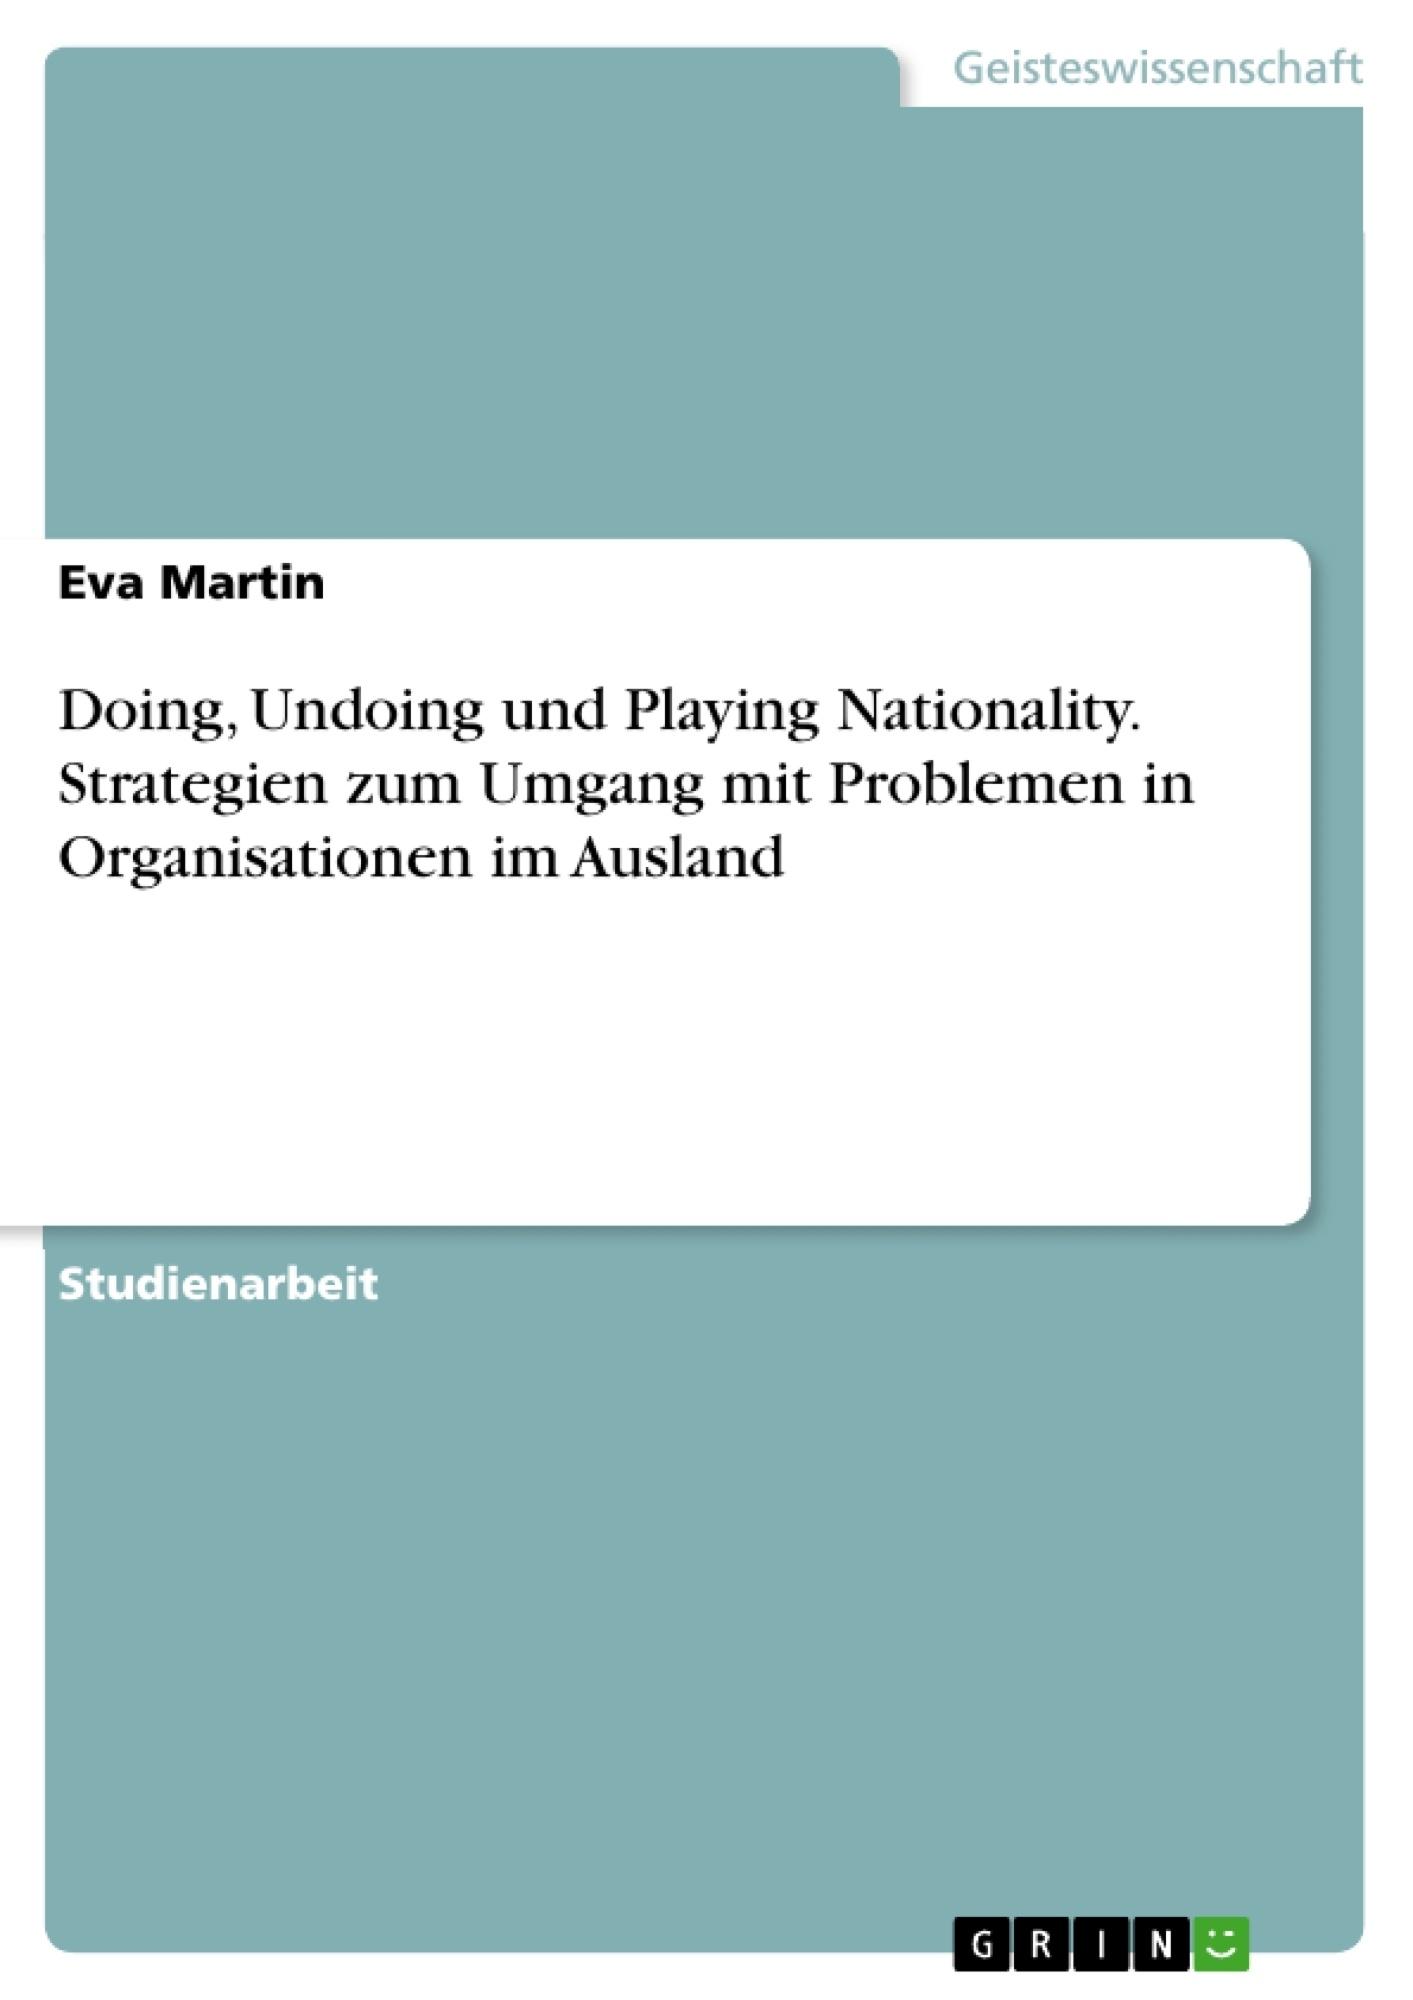 Titel: Doing, Undoing und Playing Nationality. Strategien zum Umgang mit Problemen in Organisationen im Ausland